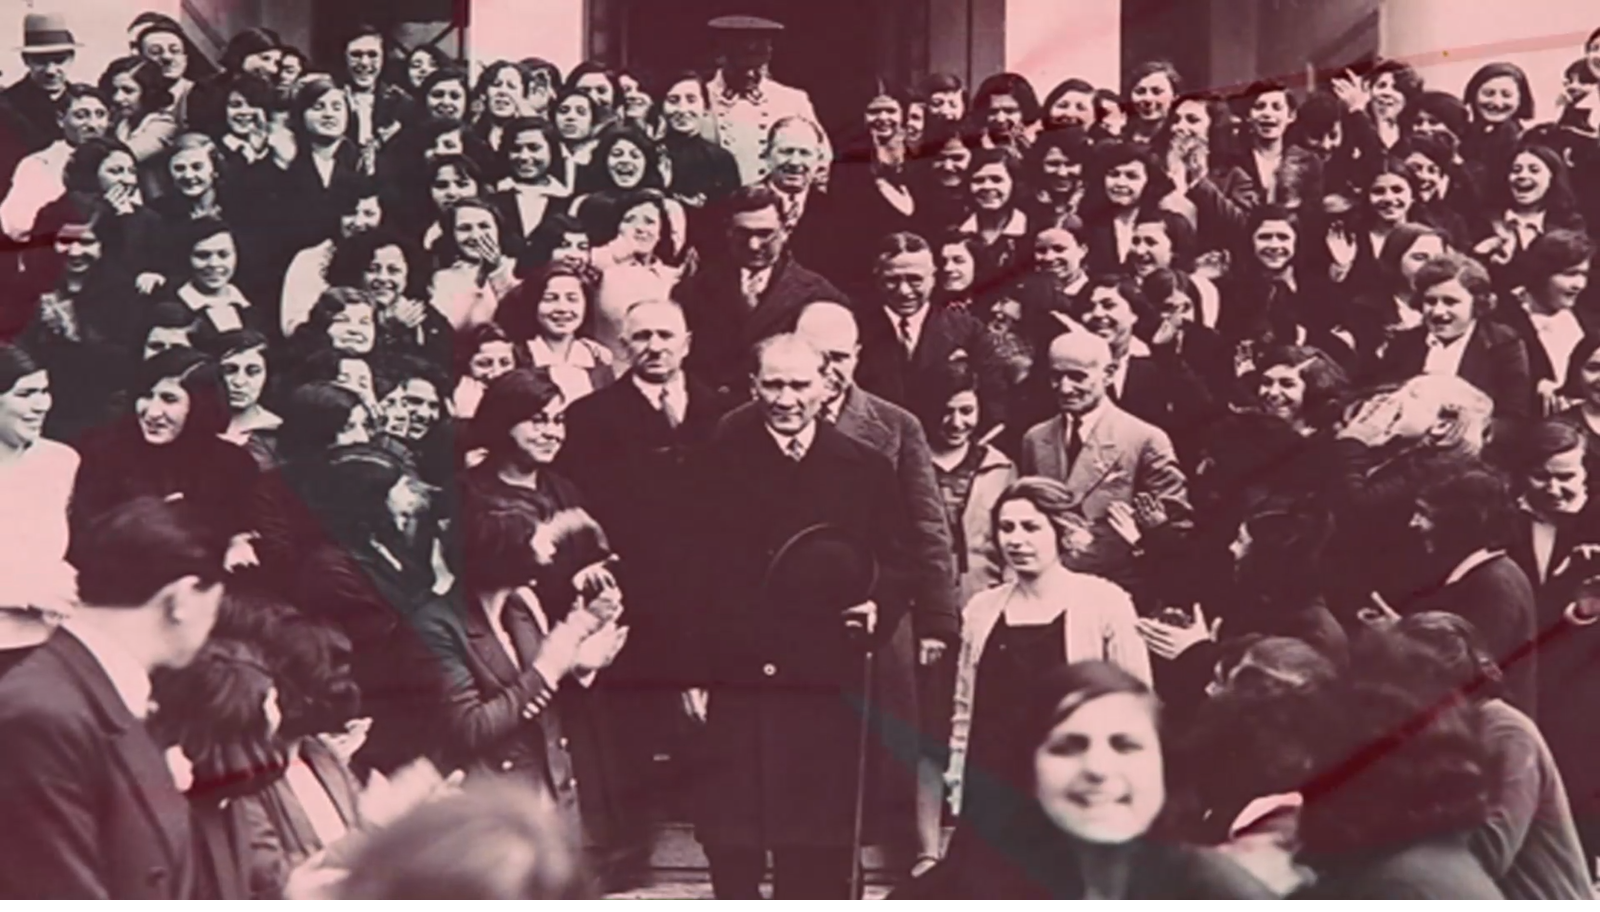 19 Mayıs Atatürk'ü Anma Gençlik ve Spor Bayramı Kutlama Programı